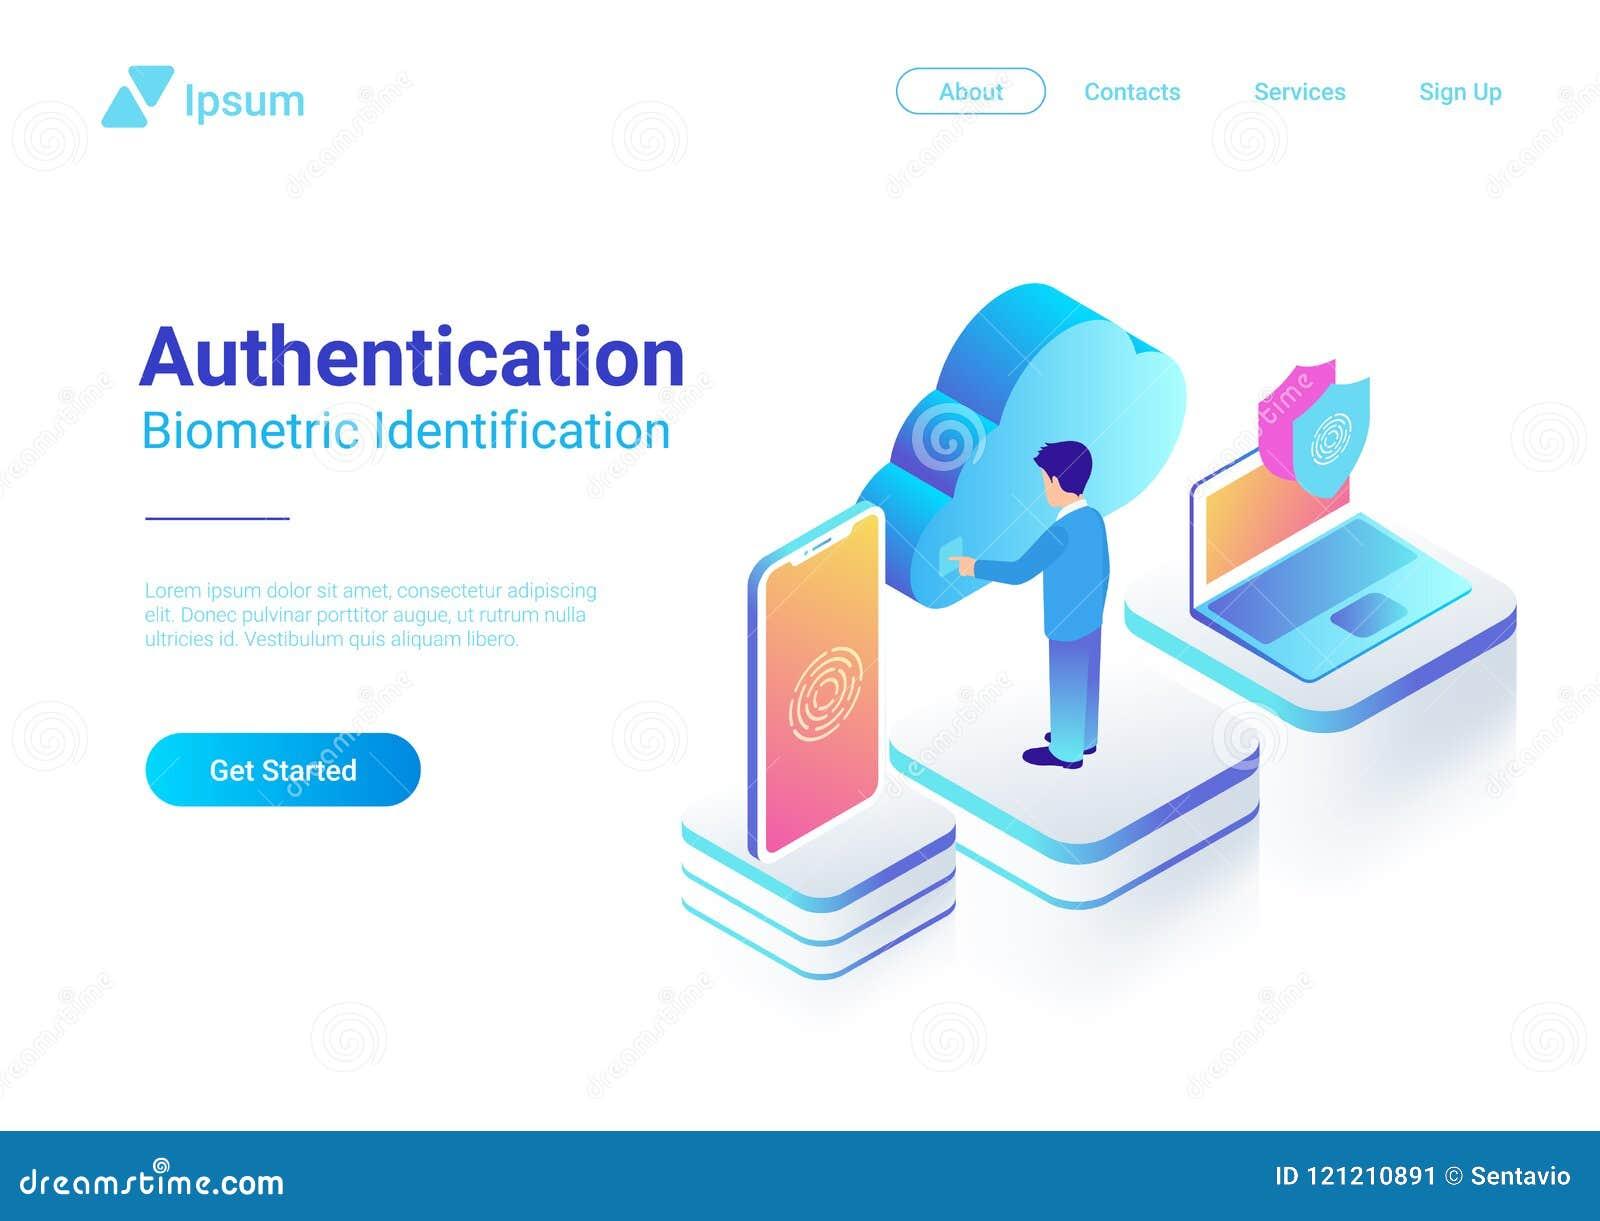 Empreinte digitale biométrique ide d authentification isométrique